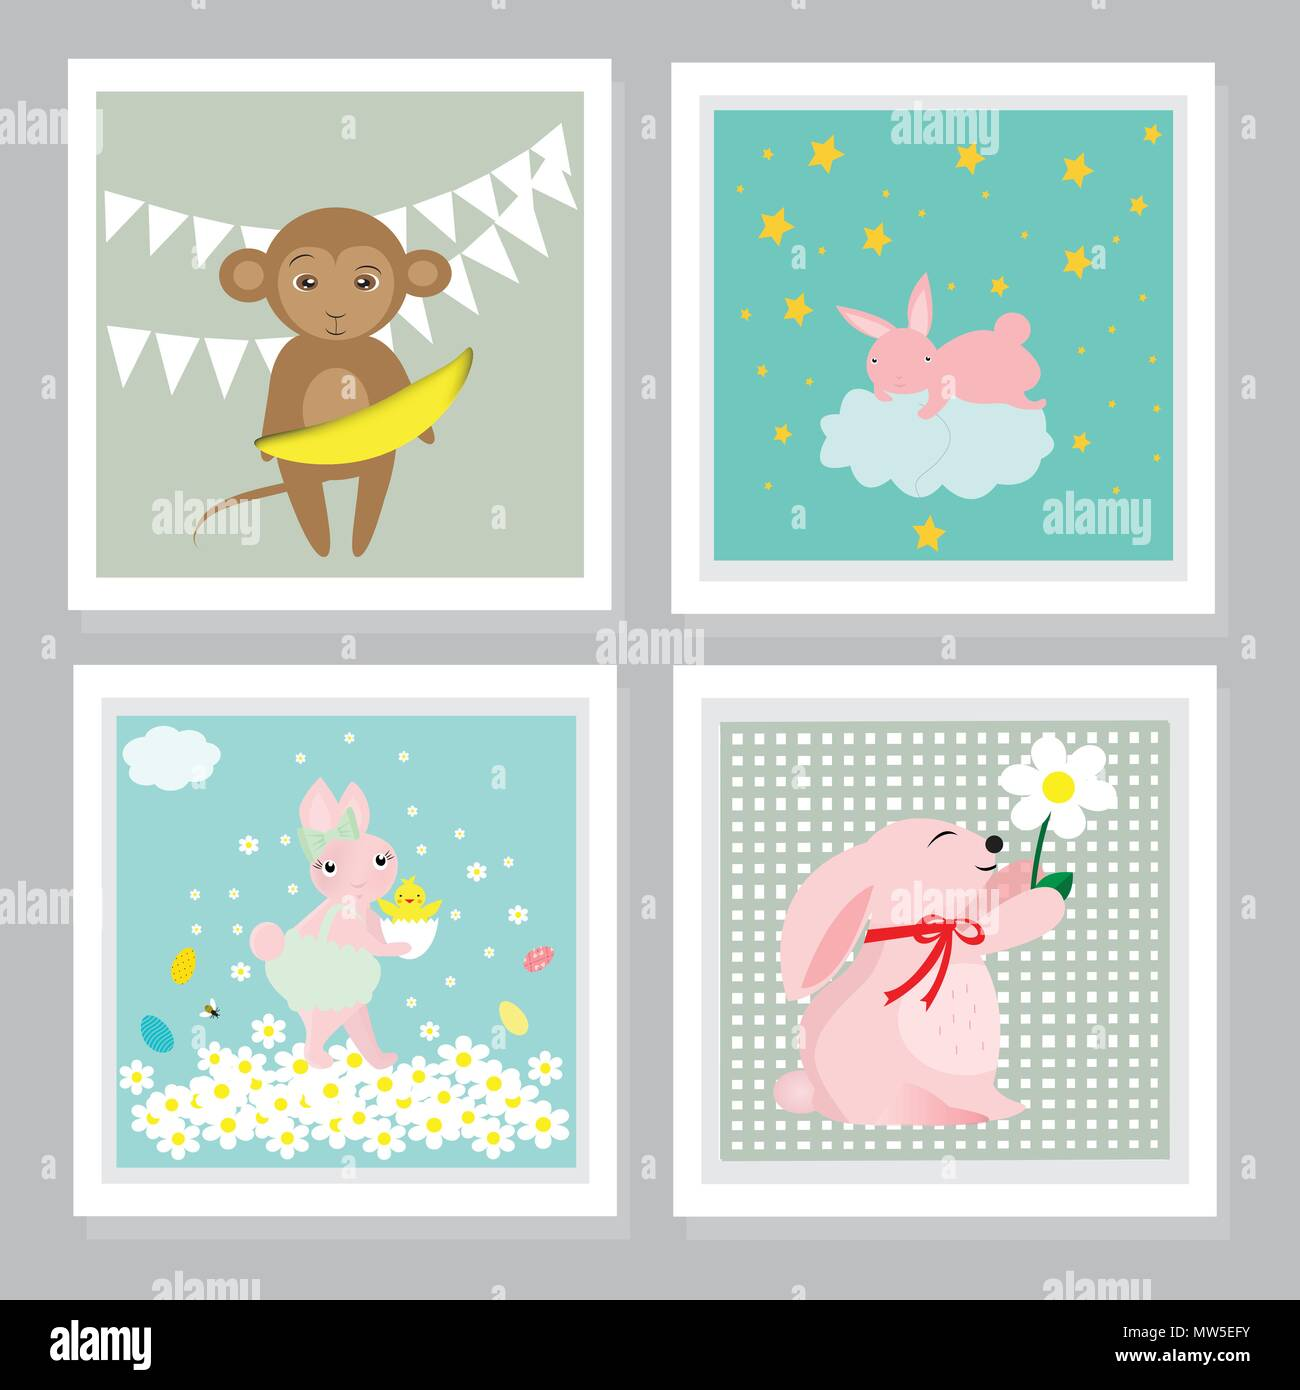 Animal Greetings Cards Stock Photos Animal Greetings Cards Stock